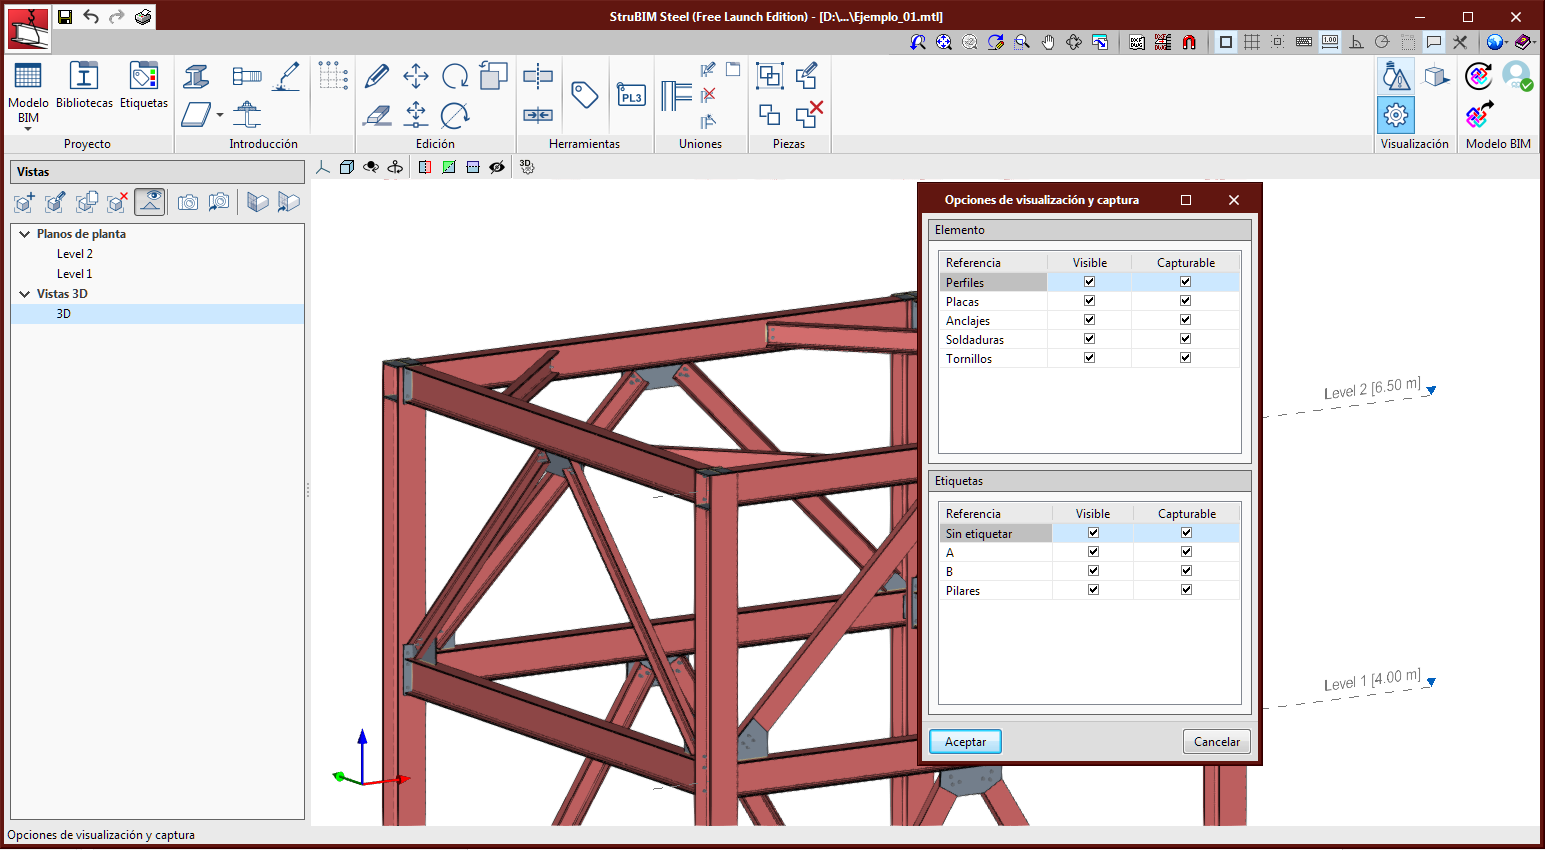 StruBIM Steel. Barra de herramientas. Visualización